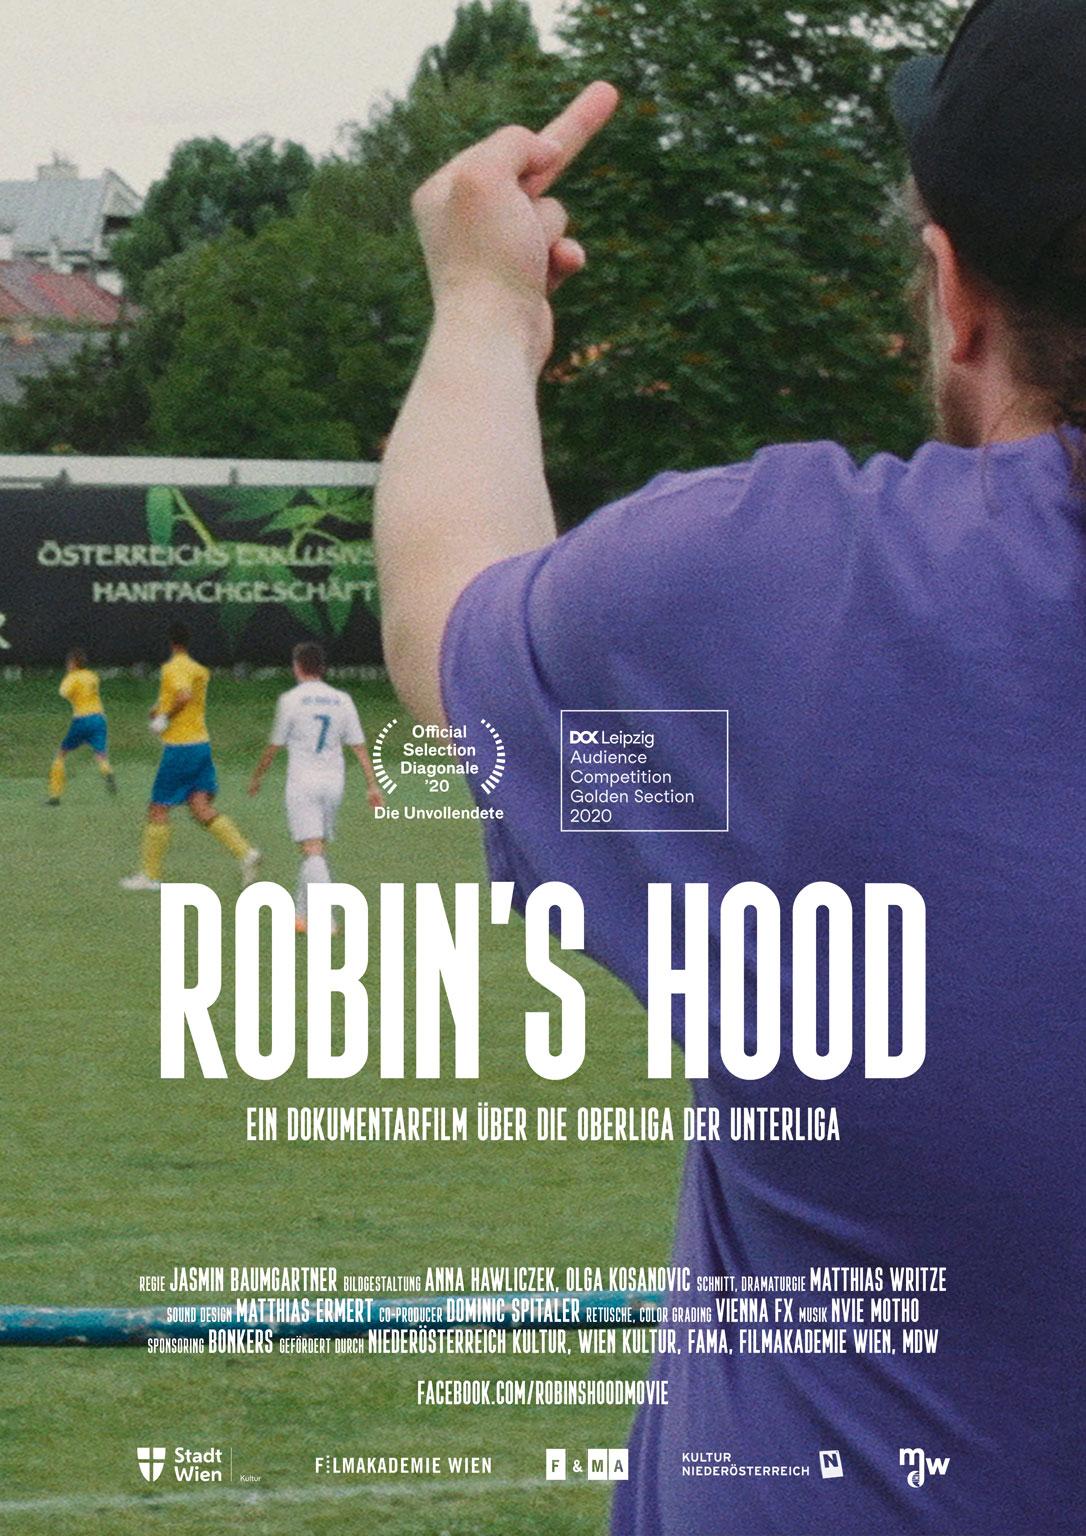 robins-hood-poster